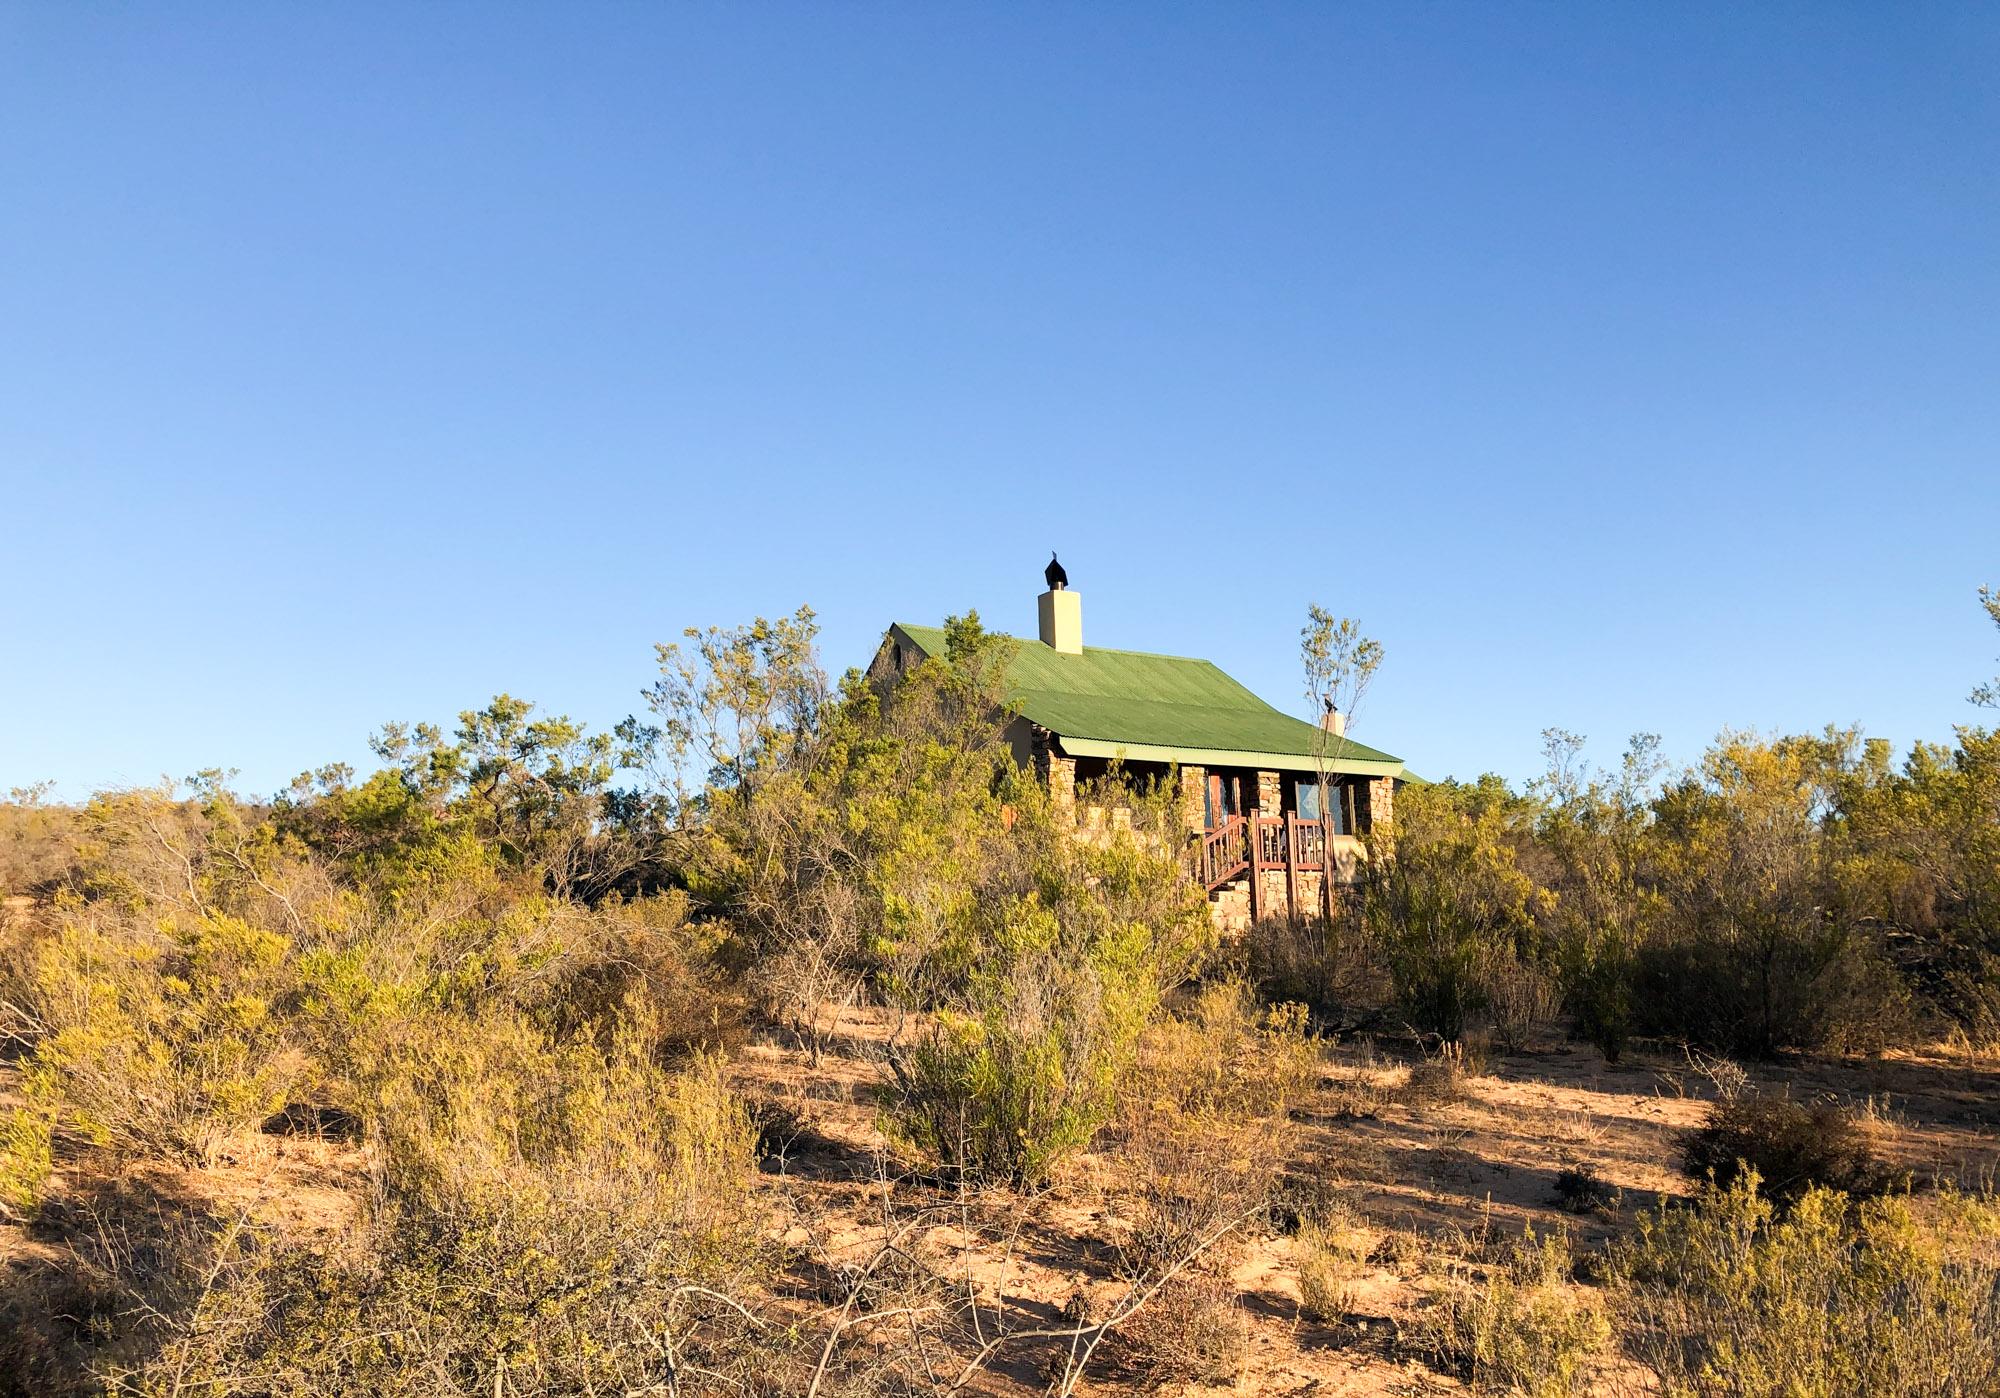 Namaqua National Par accommodation